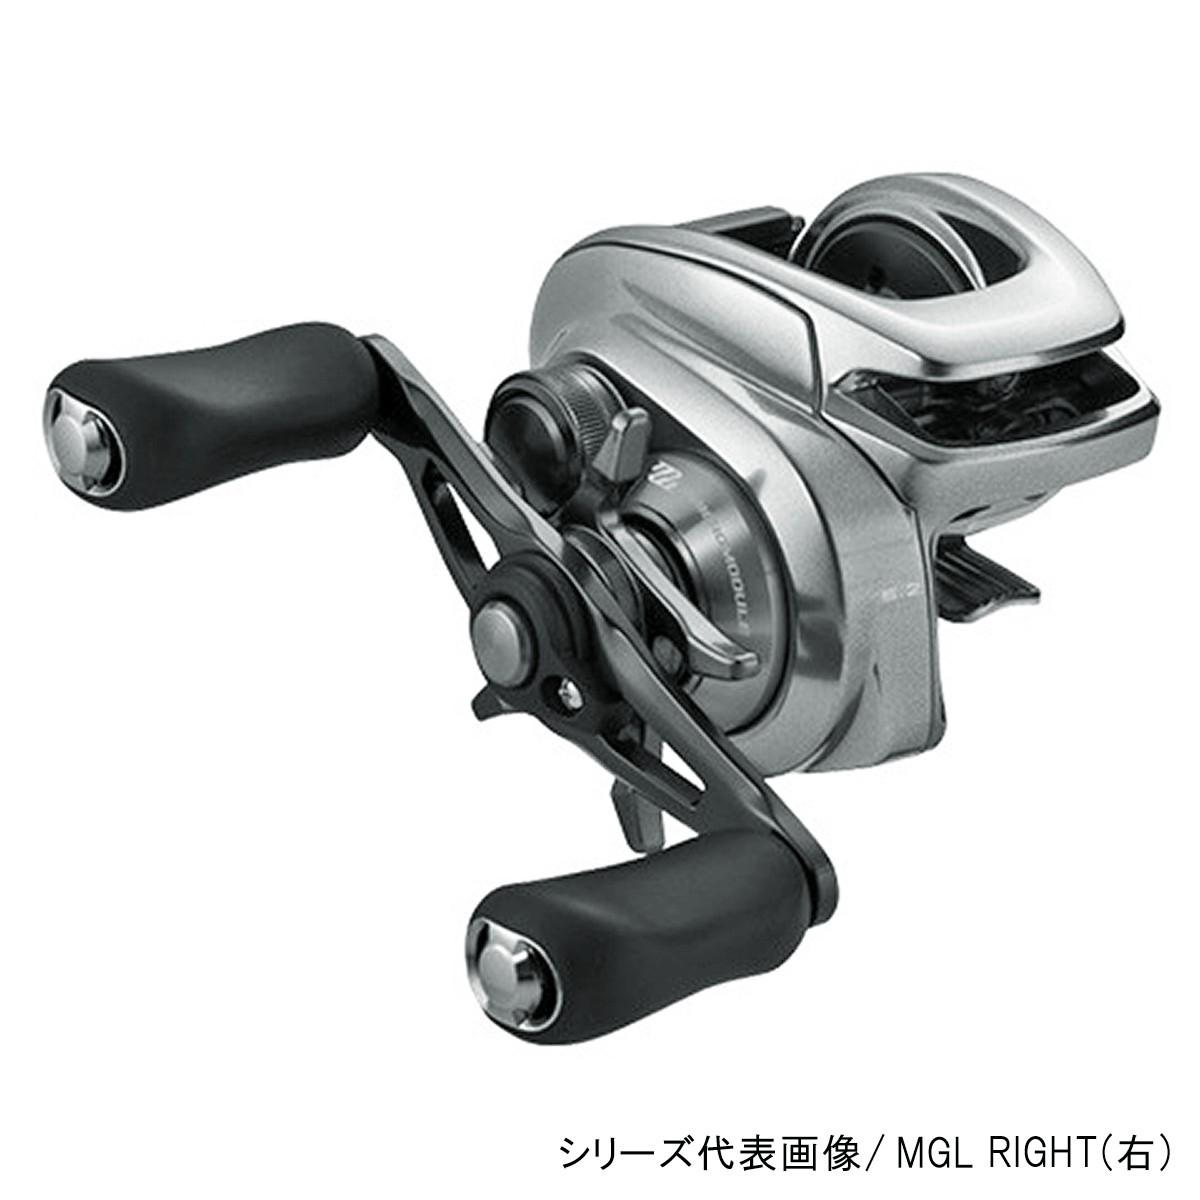 シマノ バンタム MGL HG RIGHT(右)【送料無料】